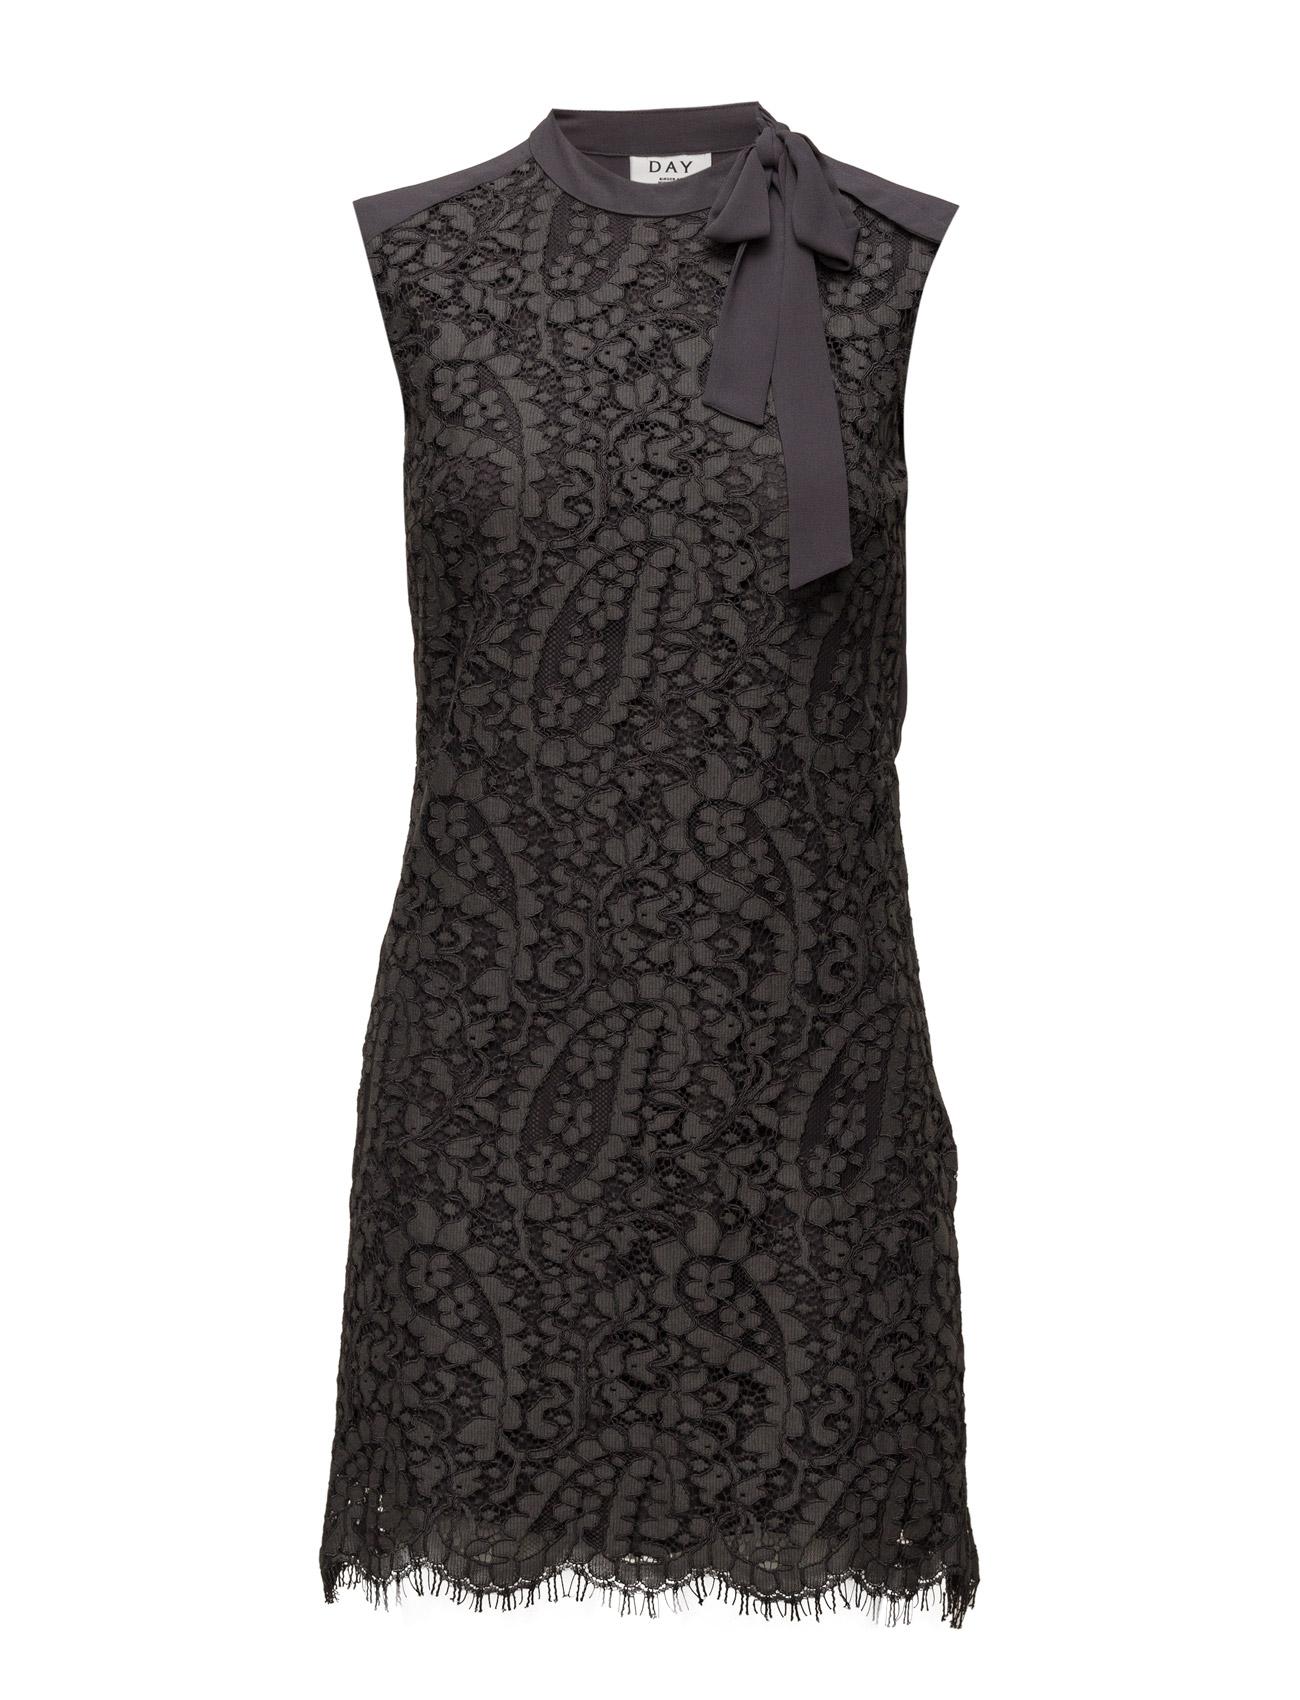 Day Kamra Day Birger et Mikkelsen Korte kjoler til Damer i